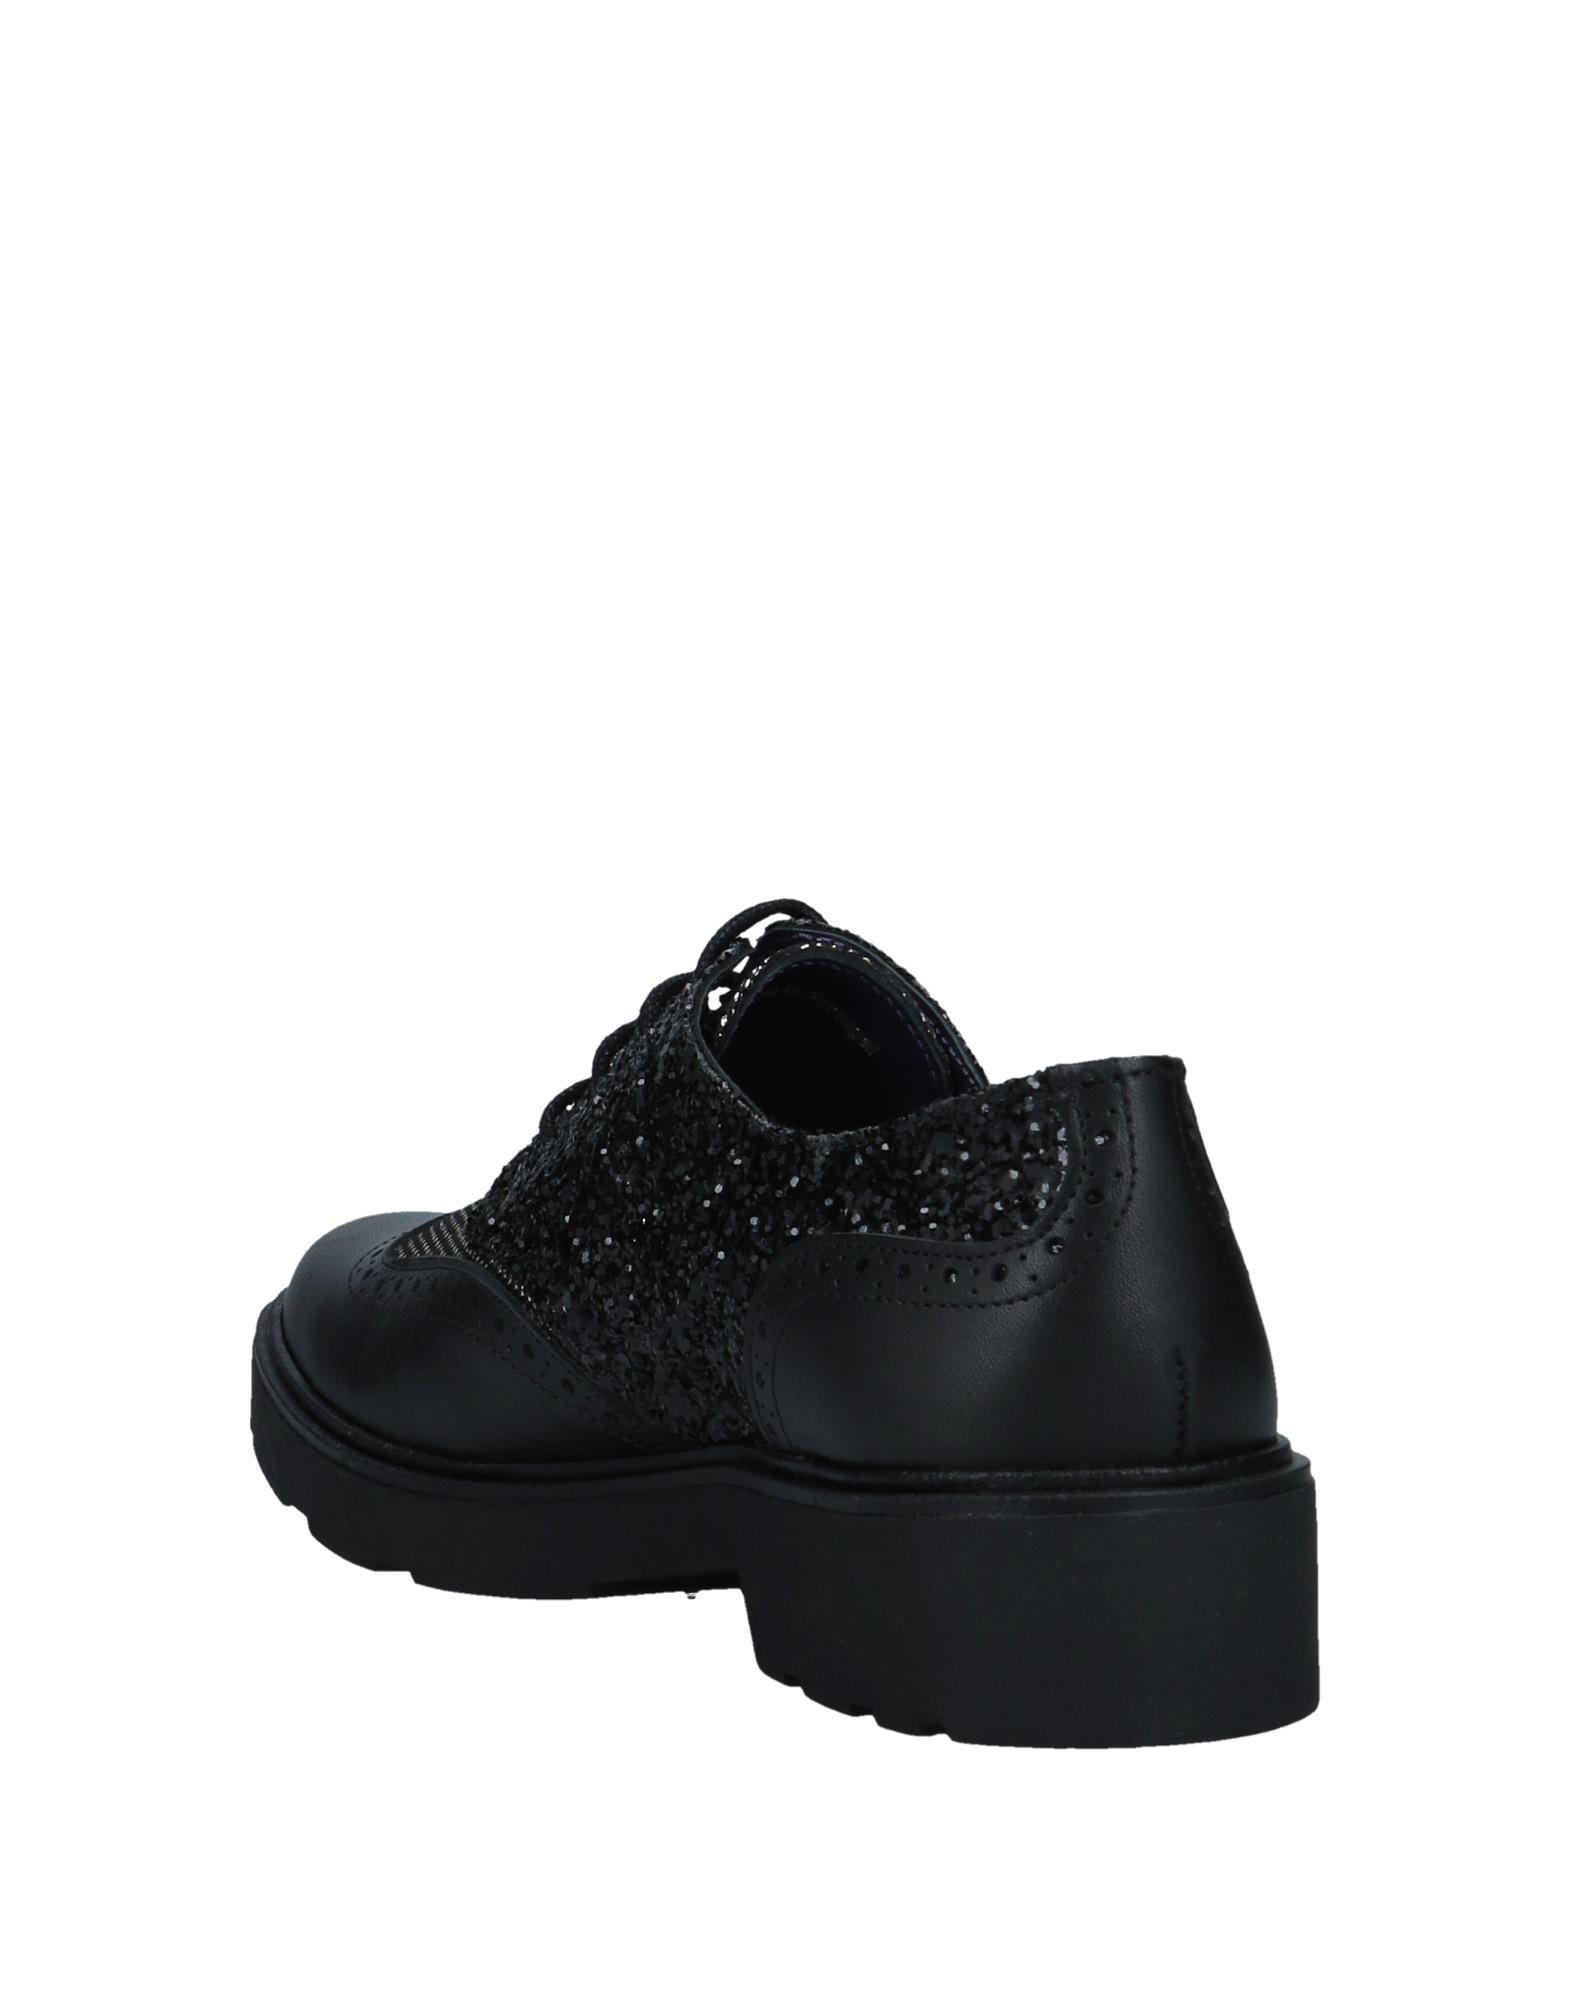 Anaki Schnürschuhe Damen  11547833PP Gute Qualität beliebte Schuhe